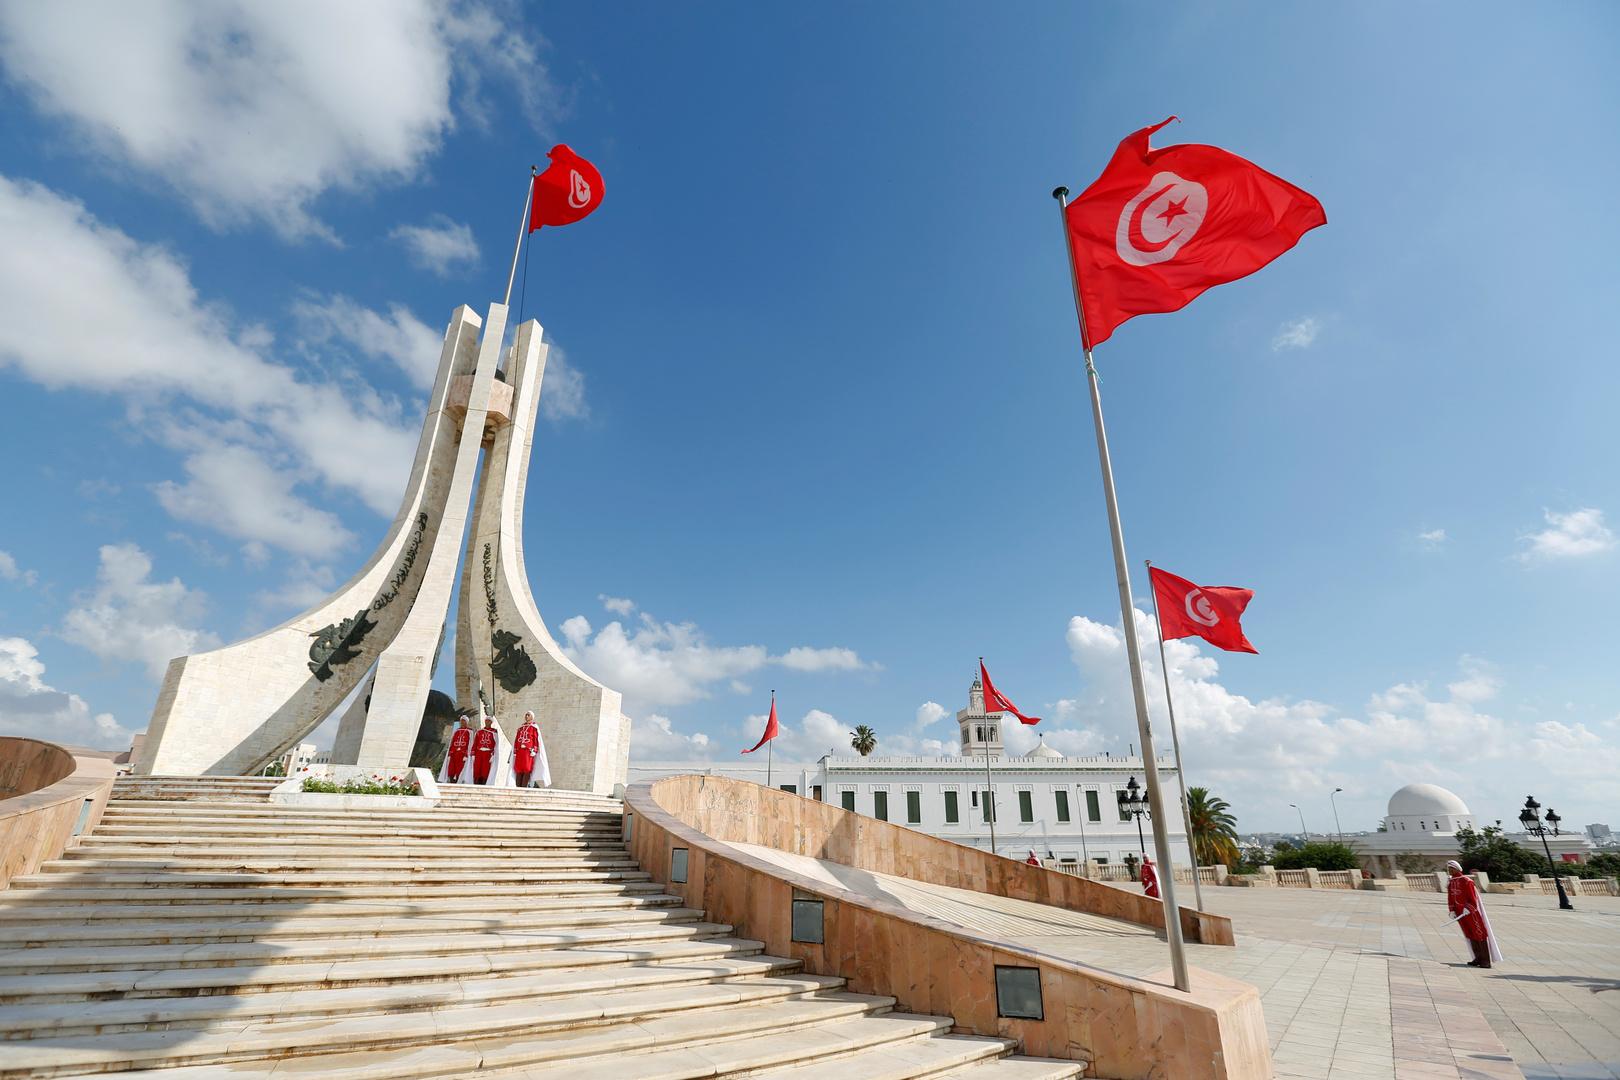 العمل على إنشاء مركز مندمج كوري جنوبي تونسي للطائرات دون طيار